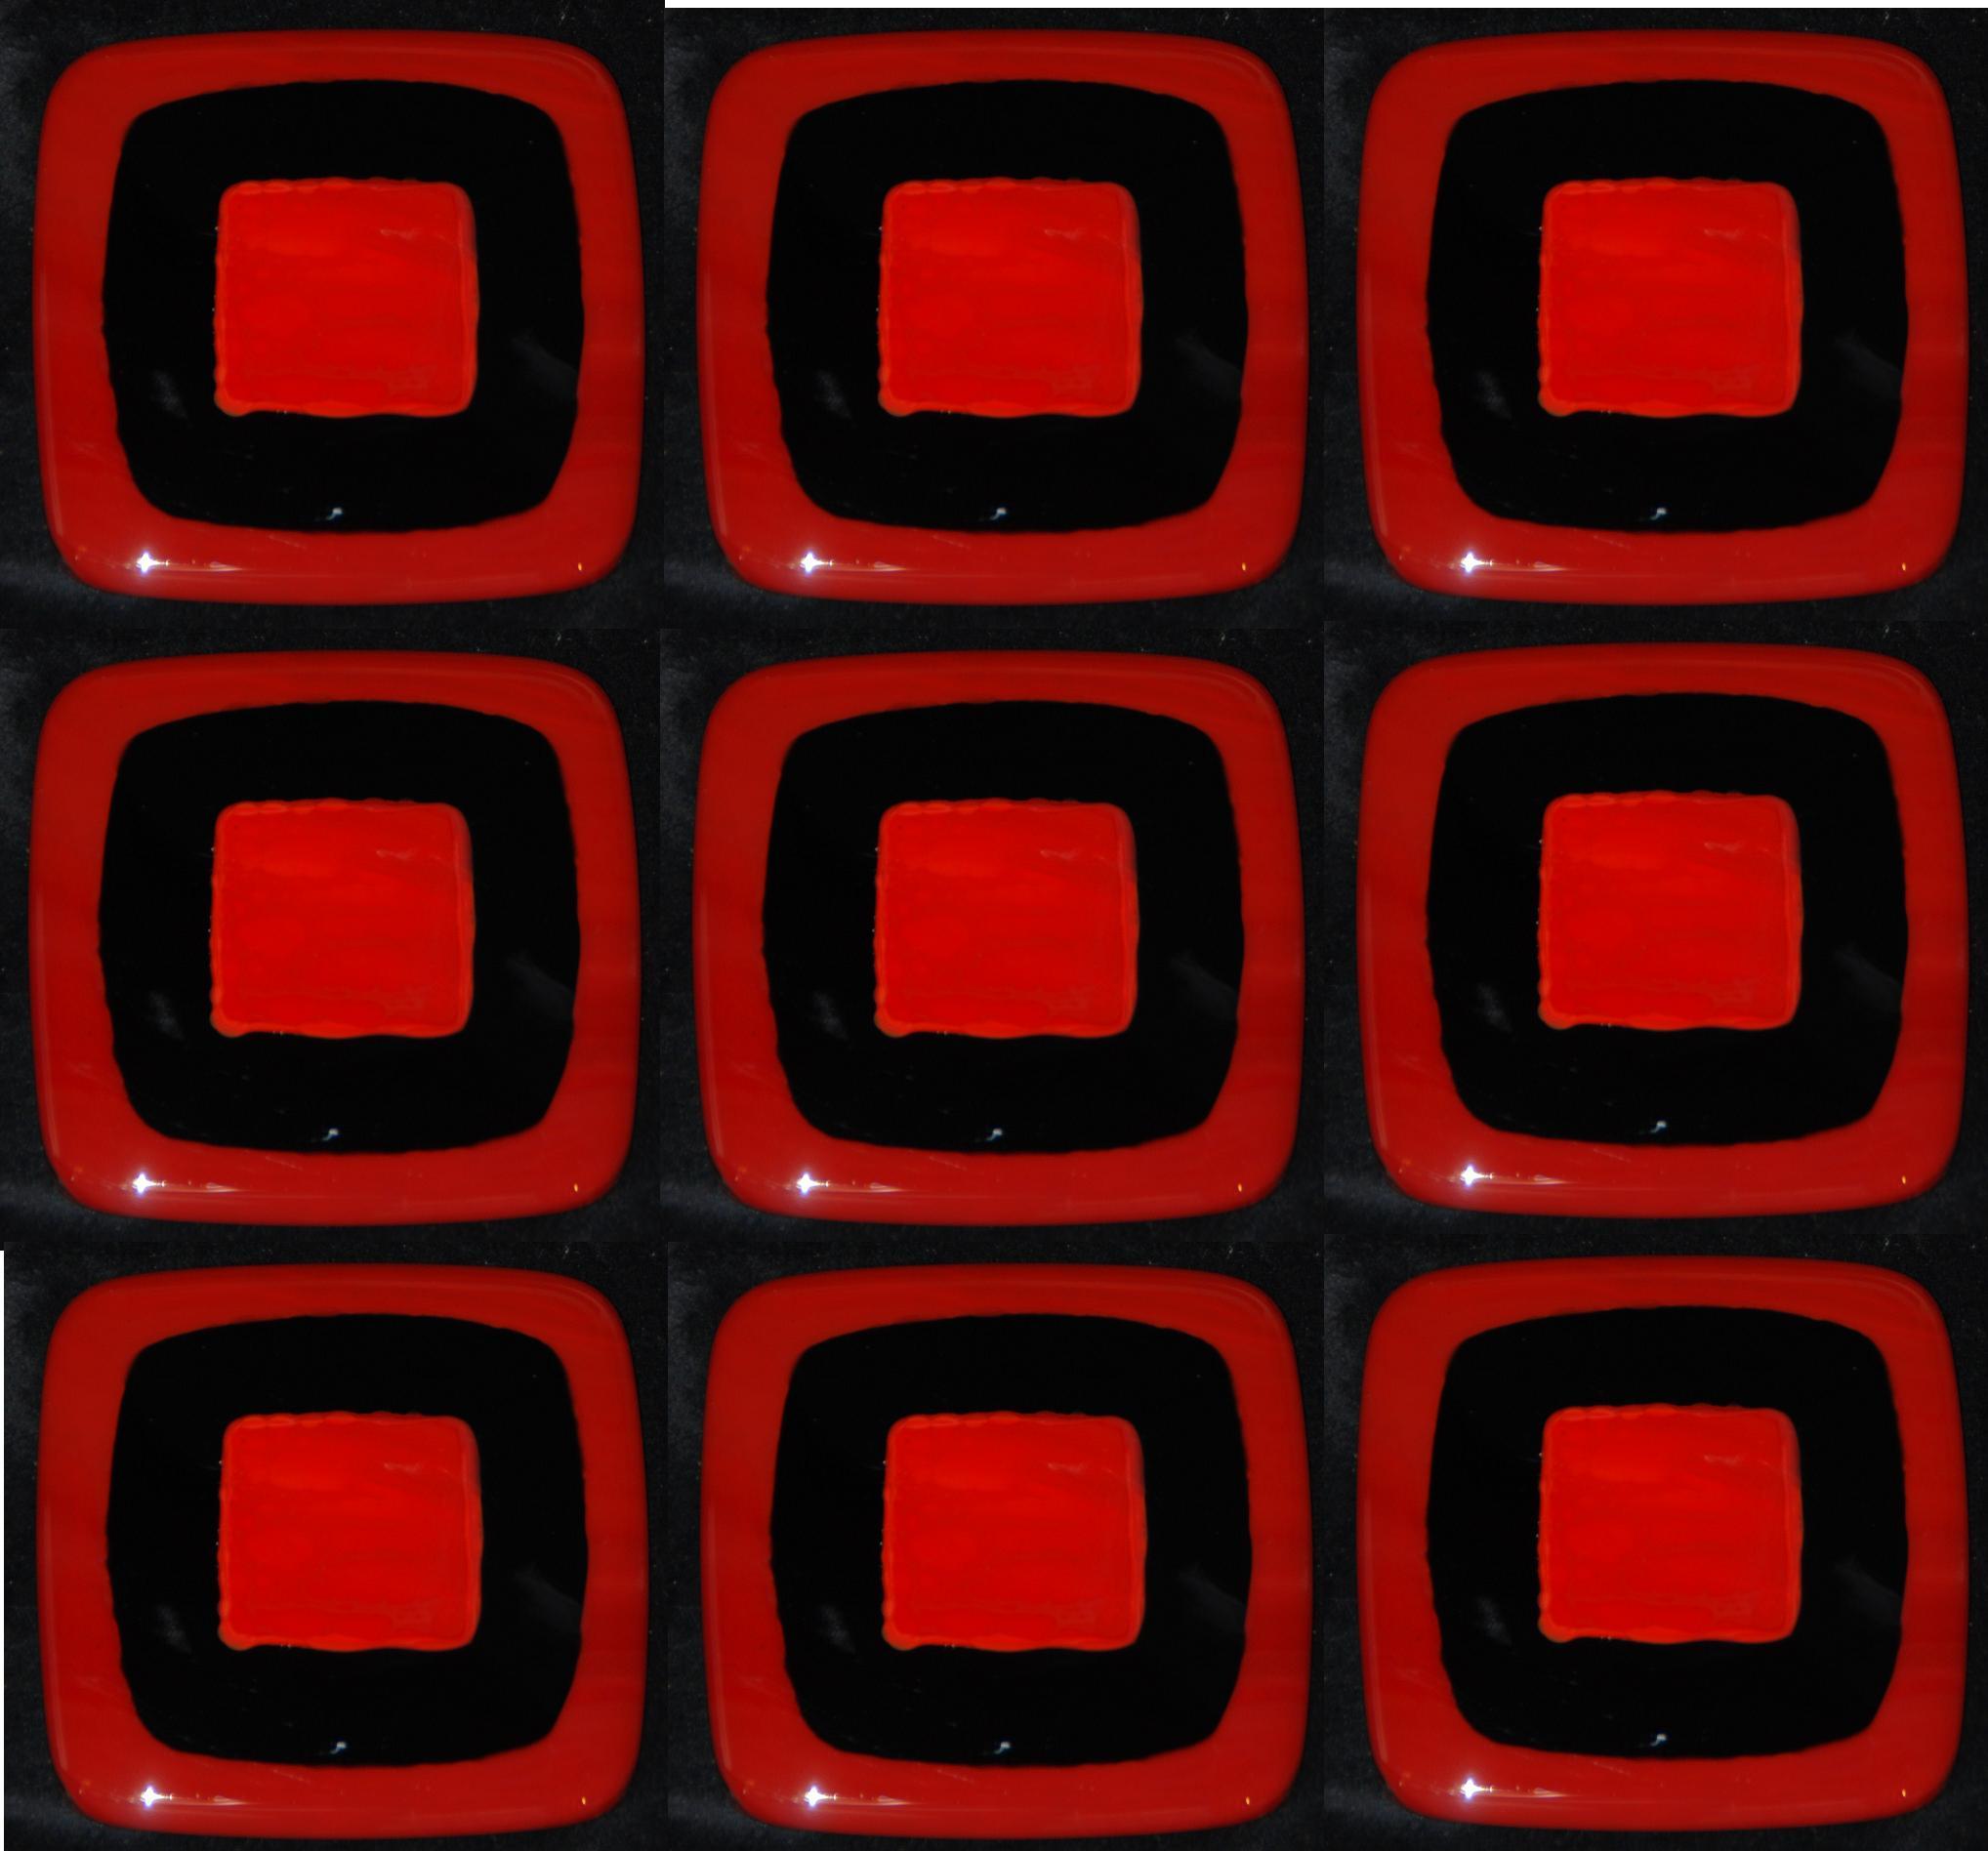 red on black tiles.jpg